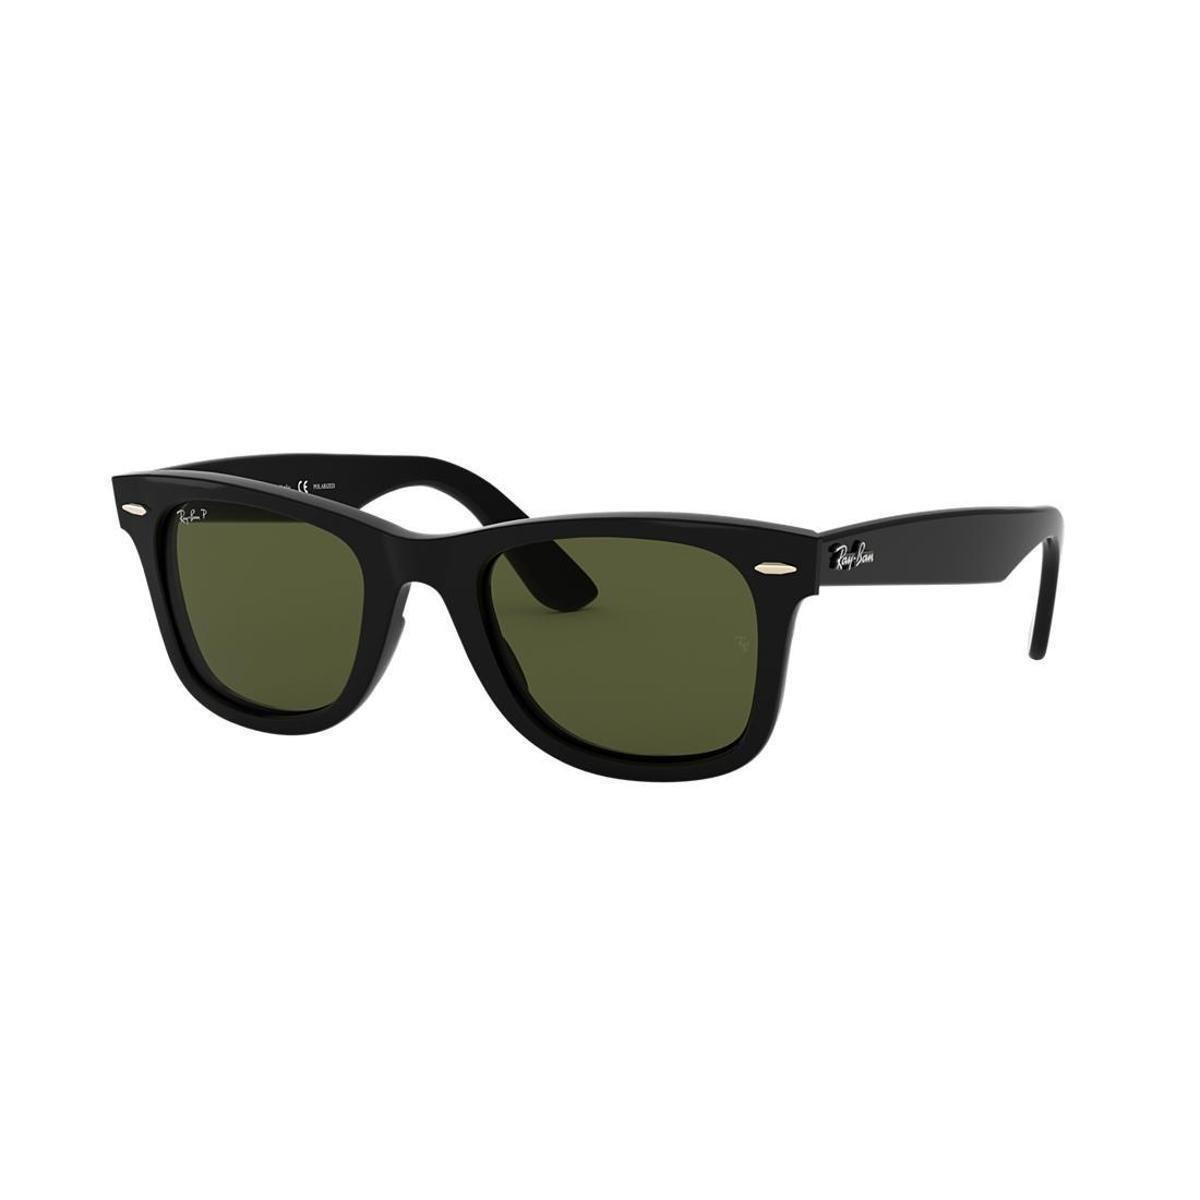 Óculos de Sol Ray-Ban RB4340 Wayfarer - Compre Agora   Zattini 80cf7d5670